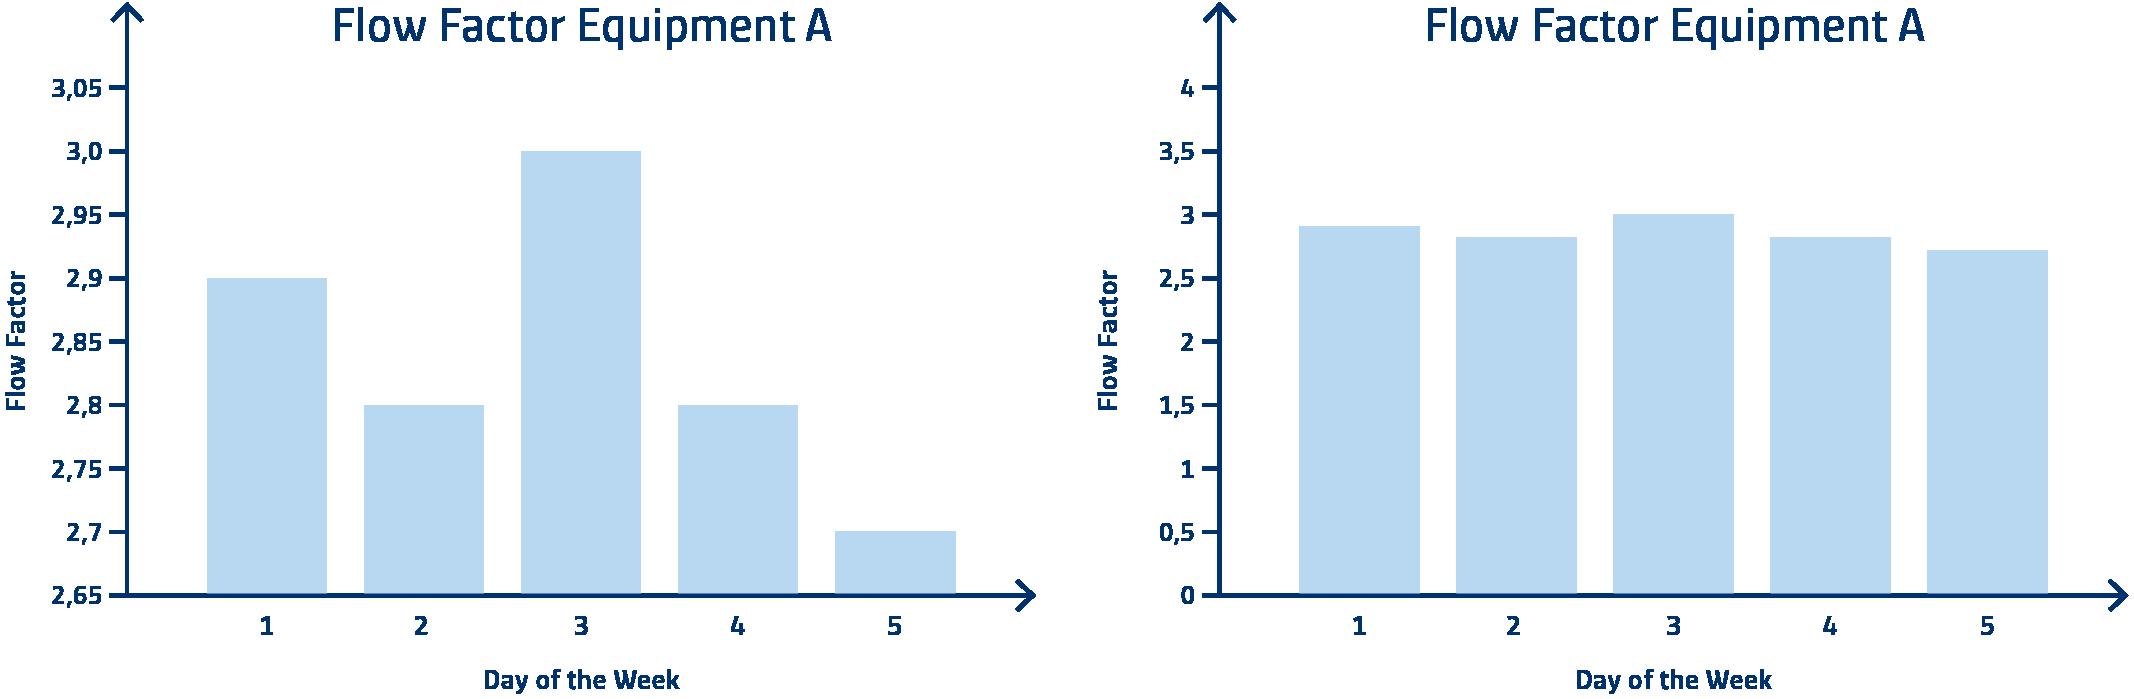 Flow_Factor_Equipment_A_2